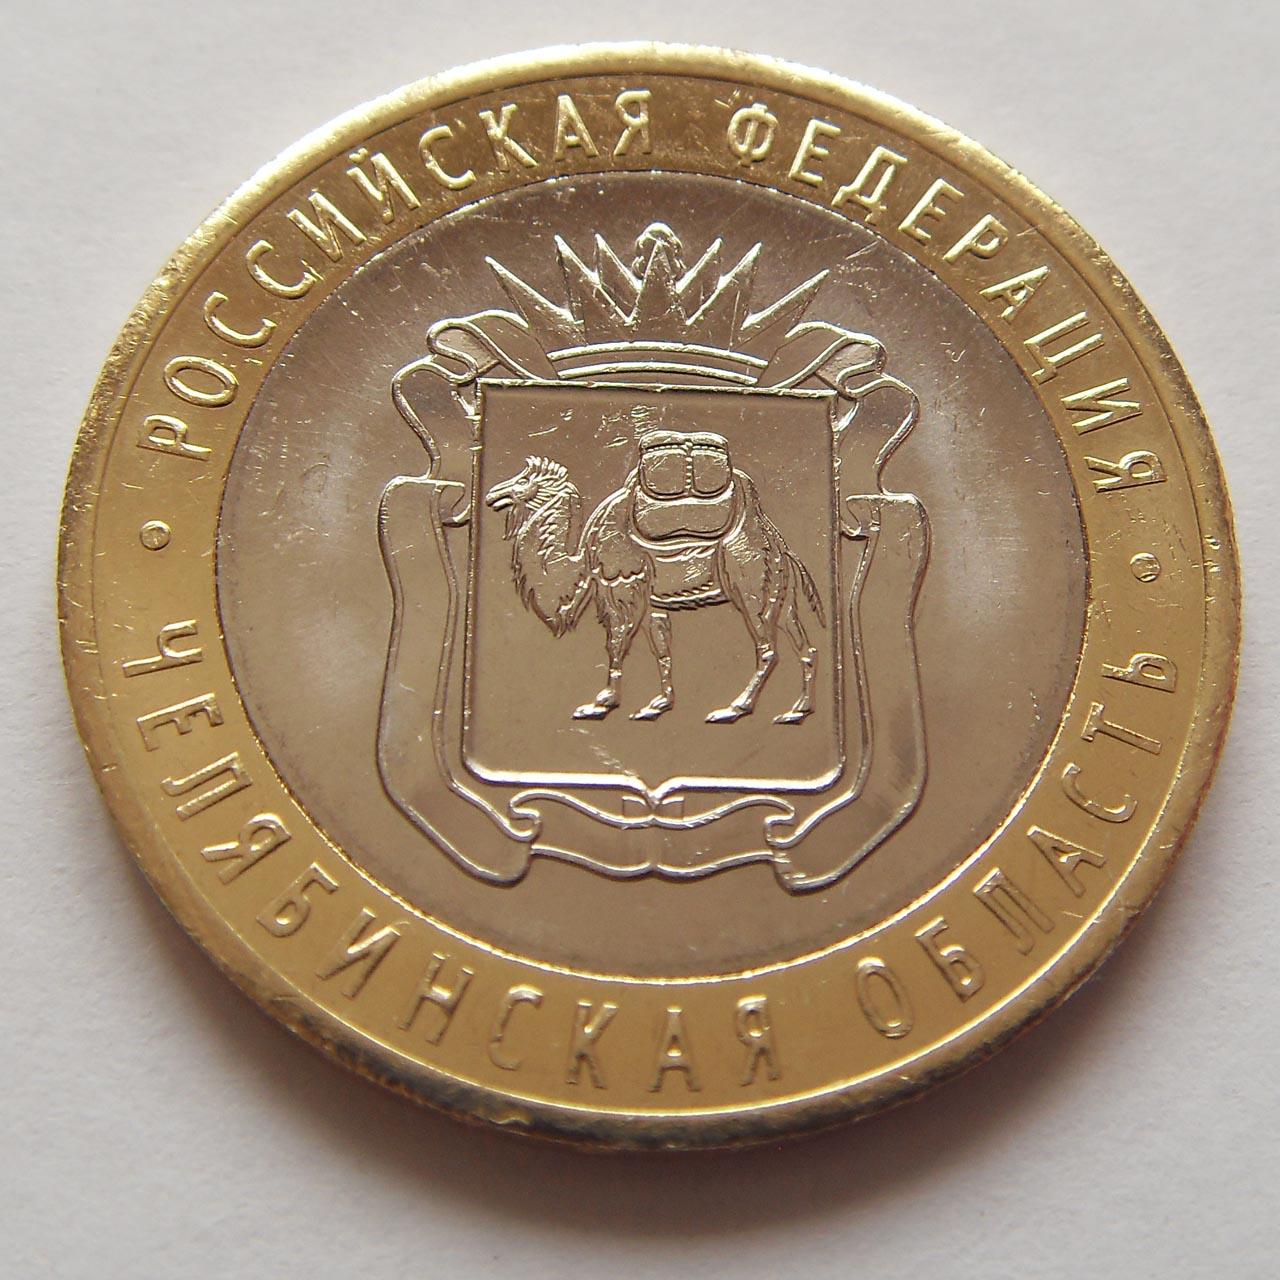 Юбилейная монета 10 рублей челябинская область цена сколько стоит монета 25 рублей 2013 года